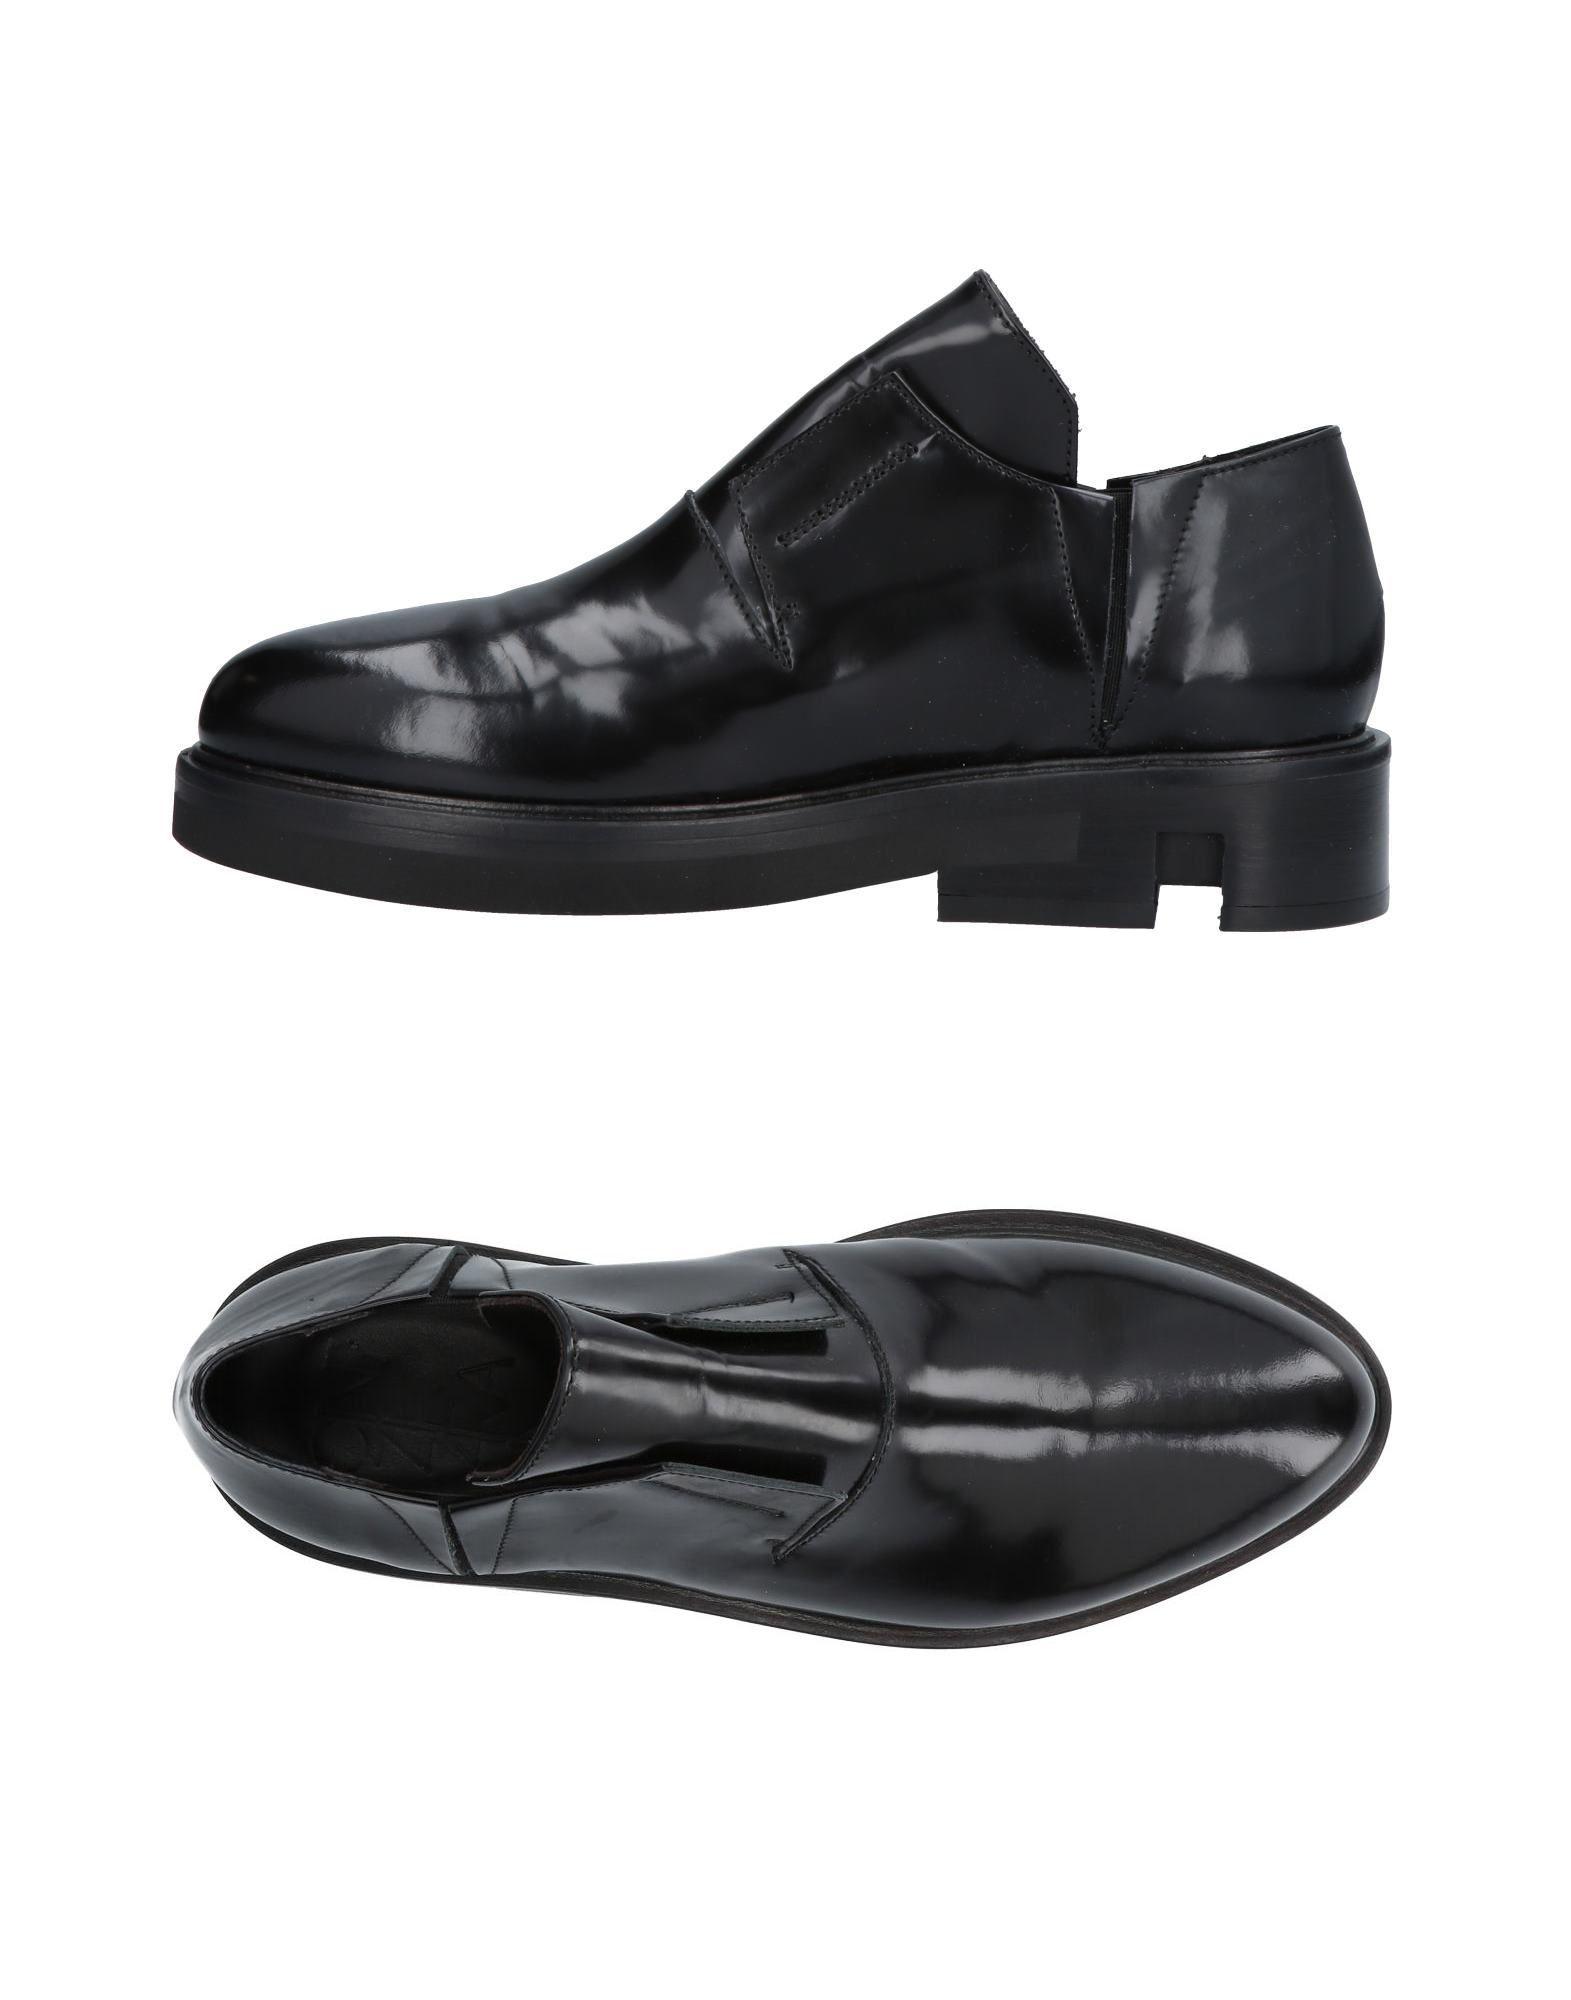 Cinzia Araia Mokassins Damen  11418805DI Gute Qualität beliebte Schuhe